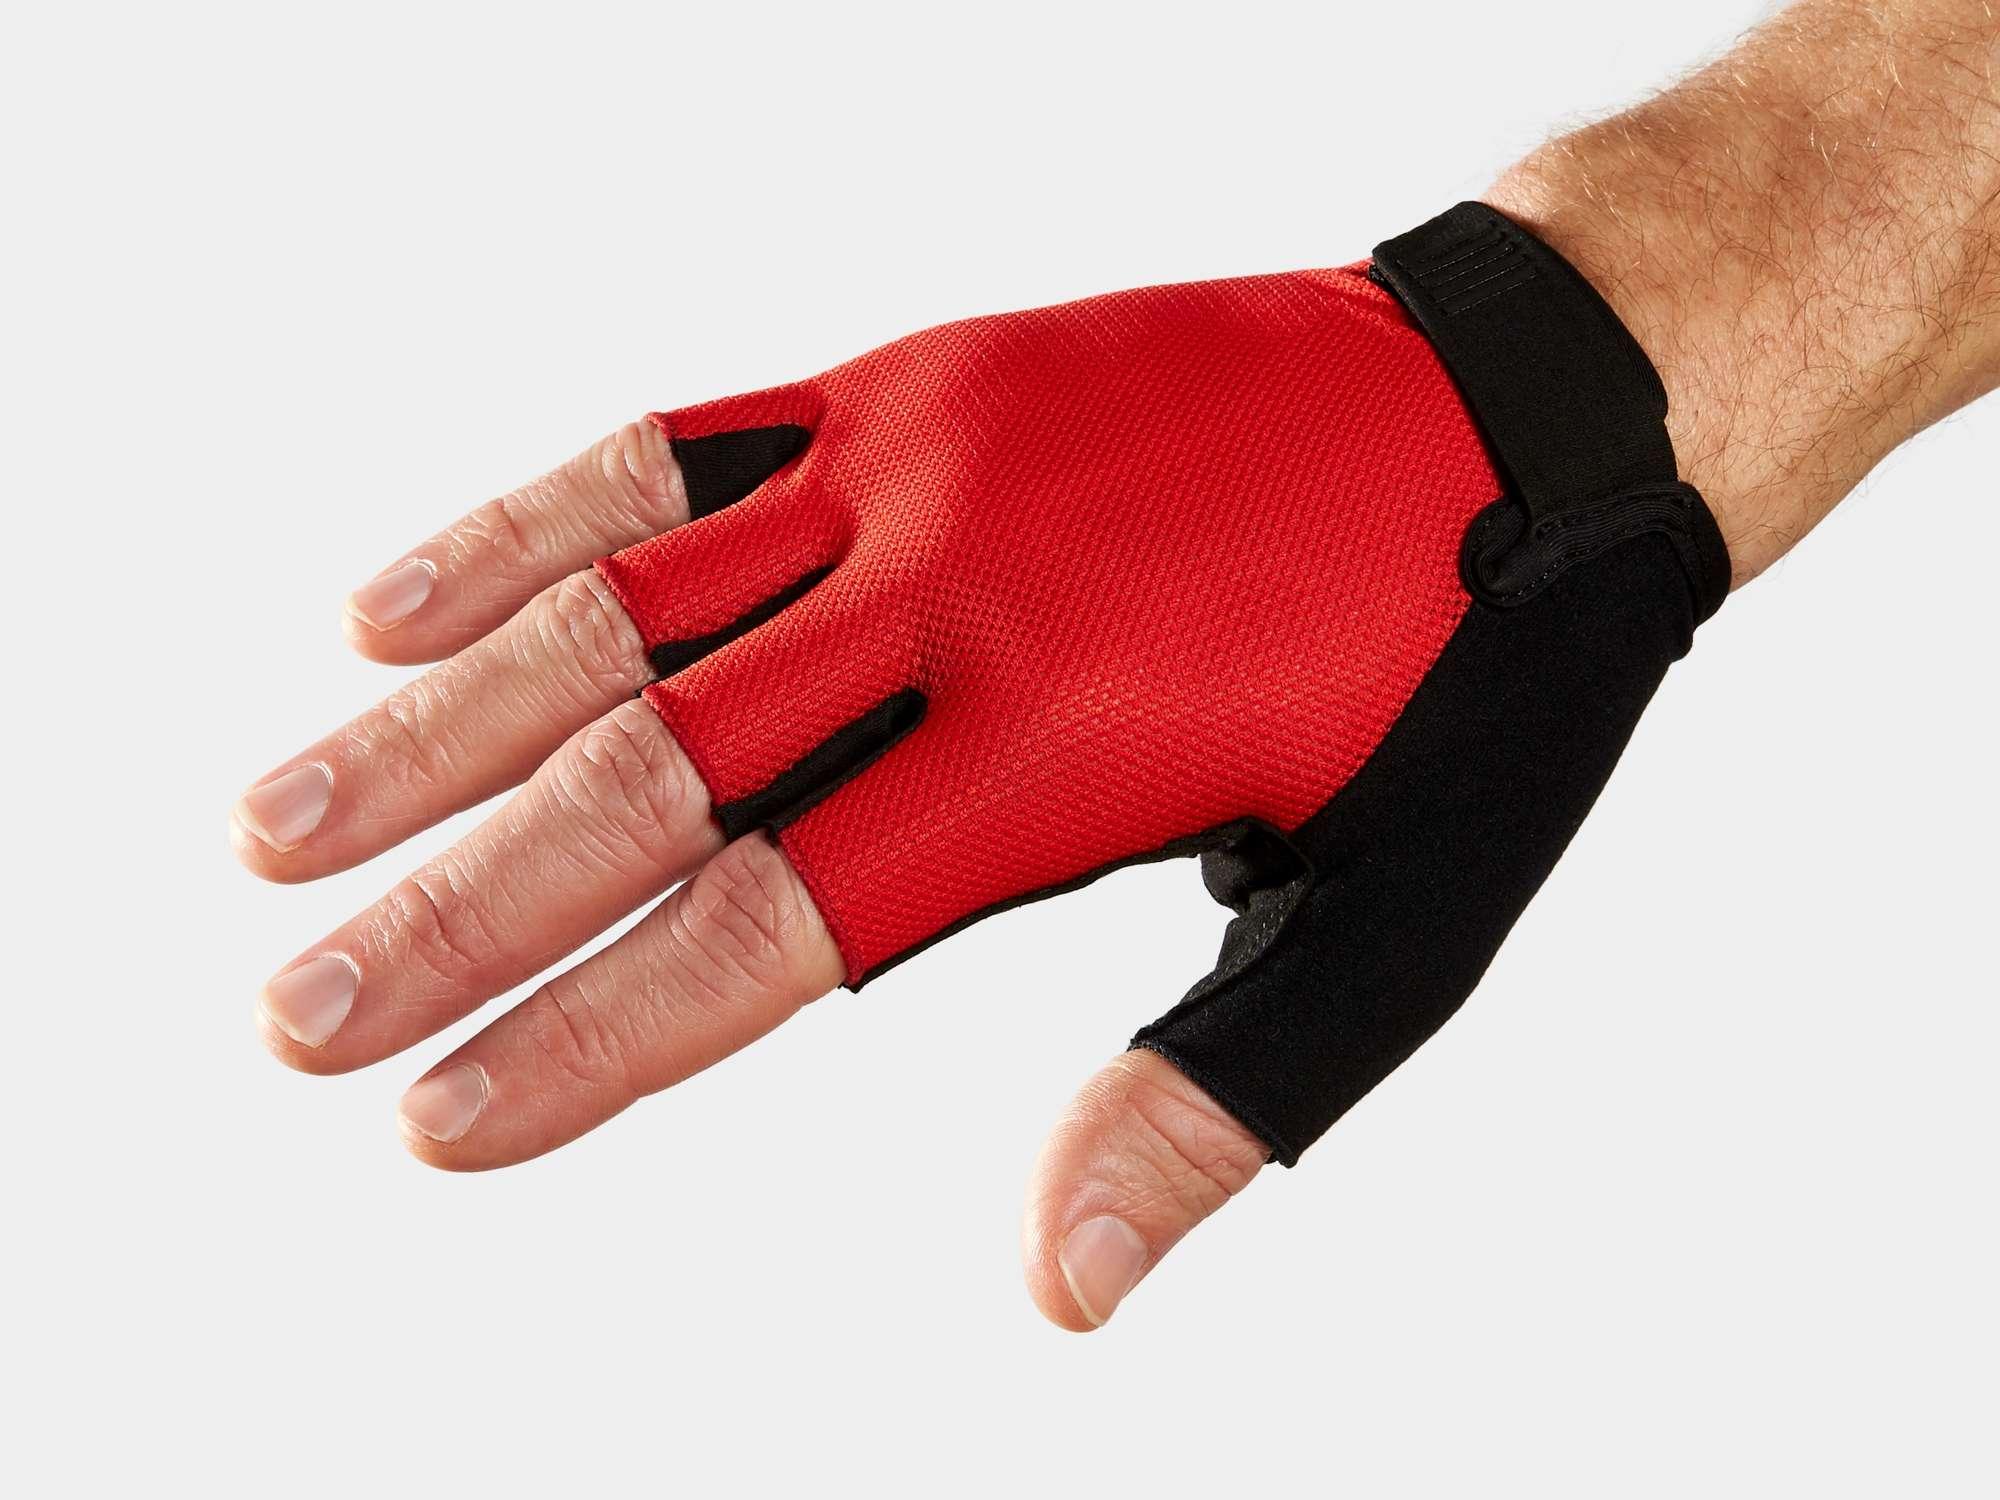 Glove Bontrager Solstice X-Large Viper Red